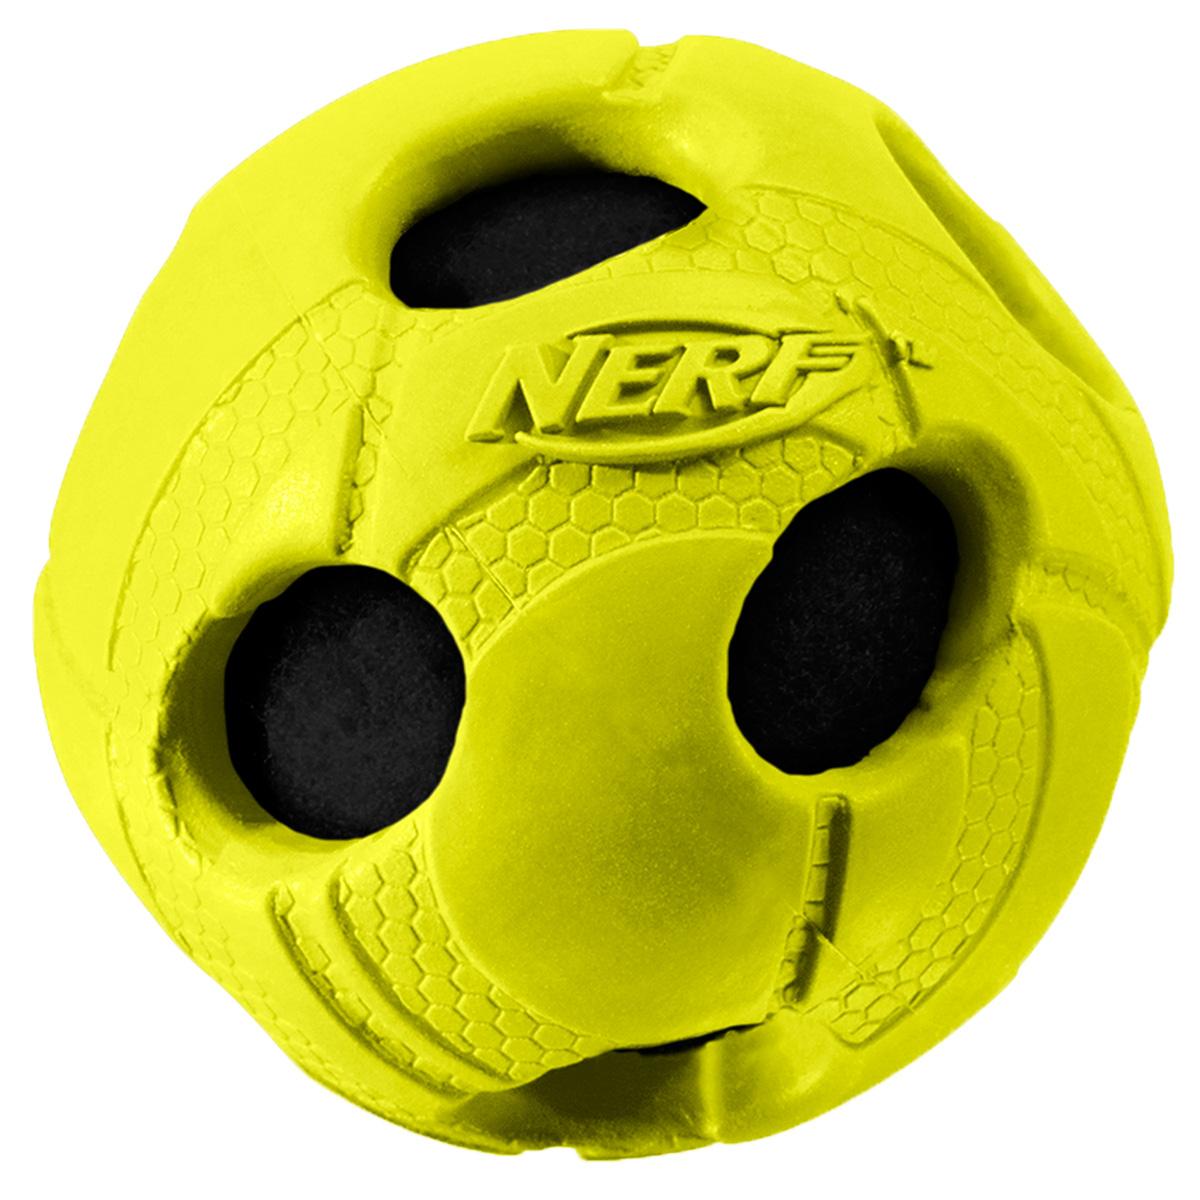 Игрушка для собак Nerf Мяч, с отверстиями, цвет: желтый, 6 см0120710Мяч Nerf из прочной резины с теннисным мячом внутри.Высококачественные прочные материалы, из которых изготовлена игрушка, обеспечивают долговечность использования.Звук мяча дополнительно увлекает собаку игрой.Мяч имеет яркие привлекательные цвета и рельефный рисунок.Размер: 6 см, S.